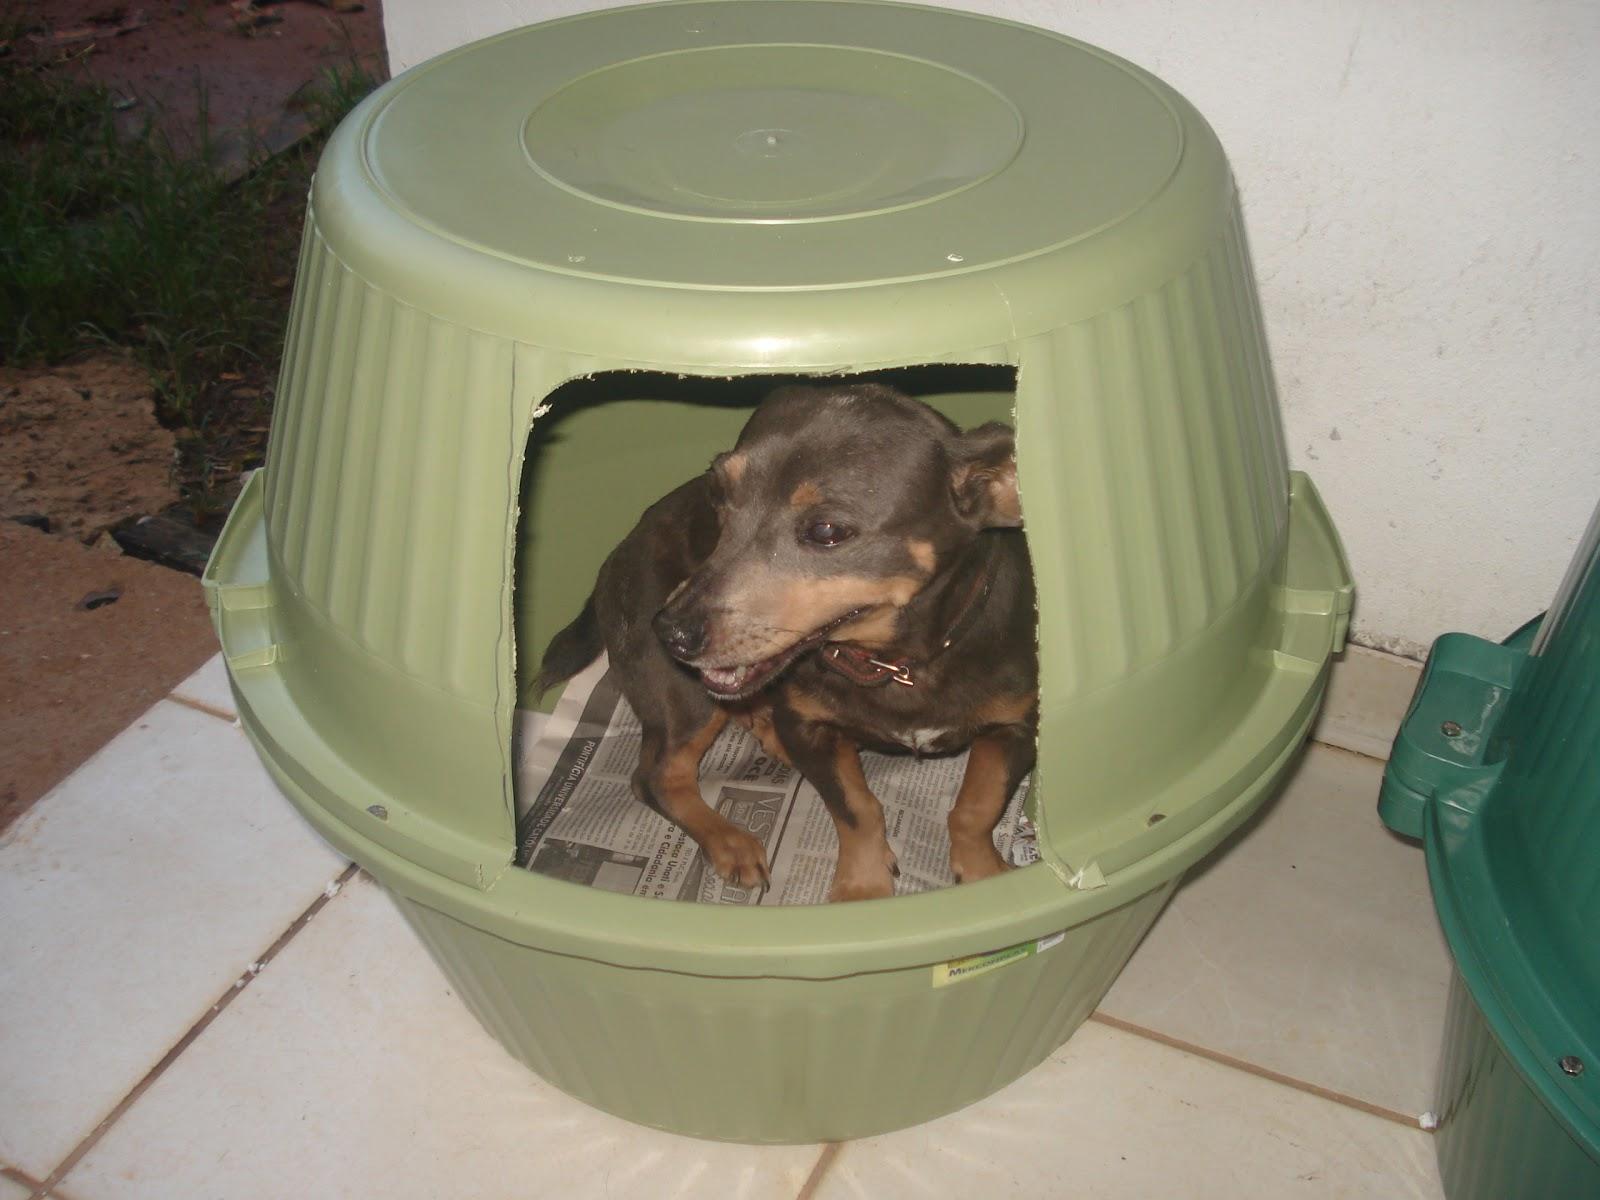 Casa de cachorro feito com bacias plásticas Meus Trabalhos  #355A4B 1600x1200